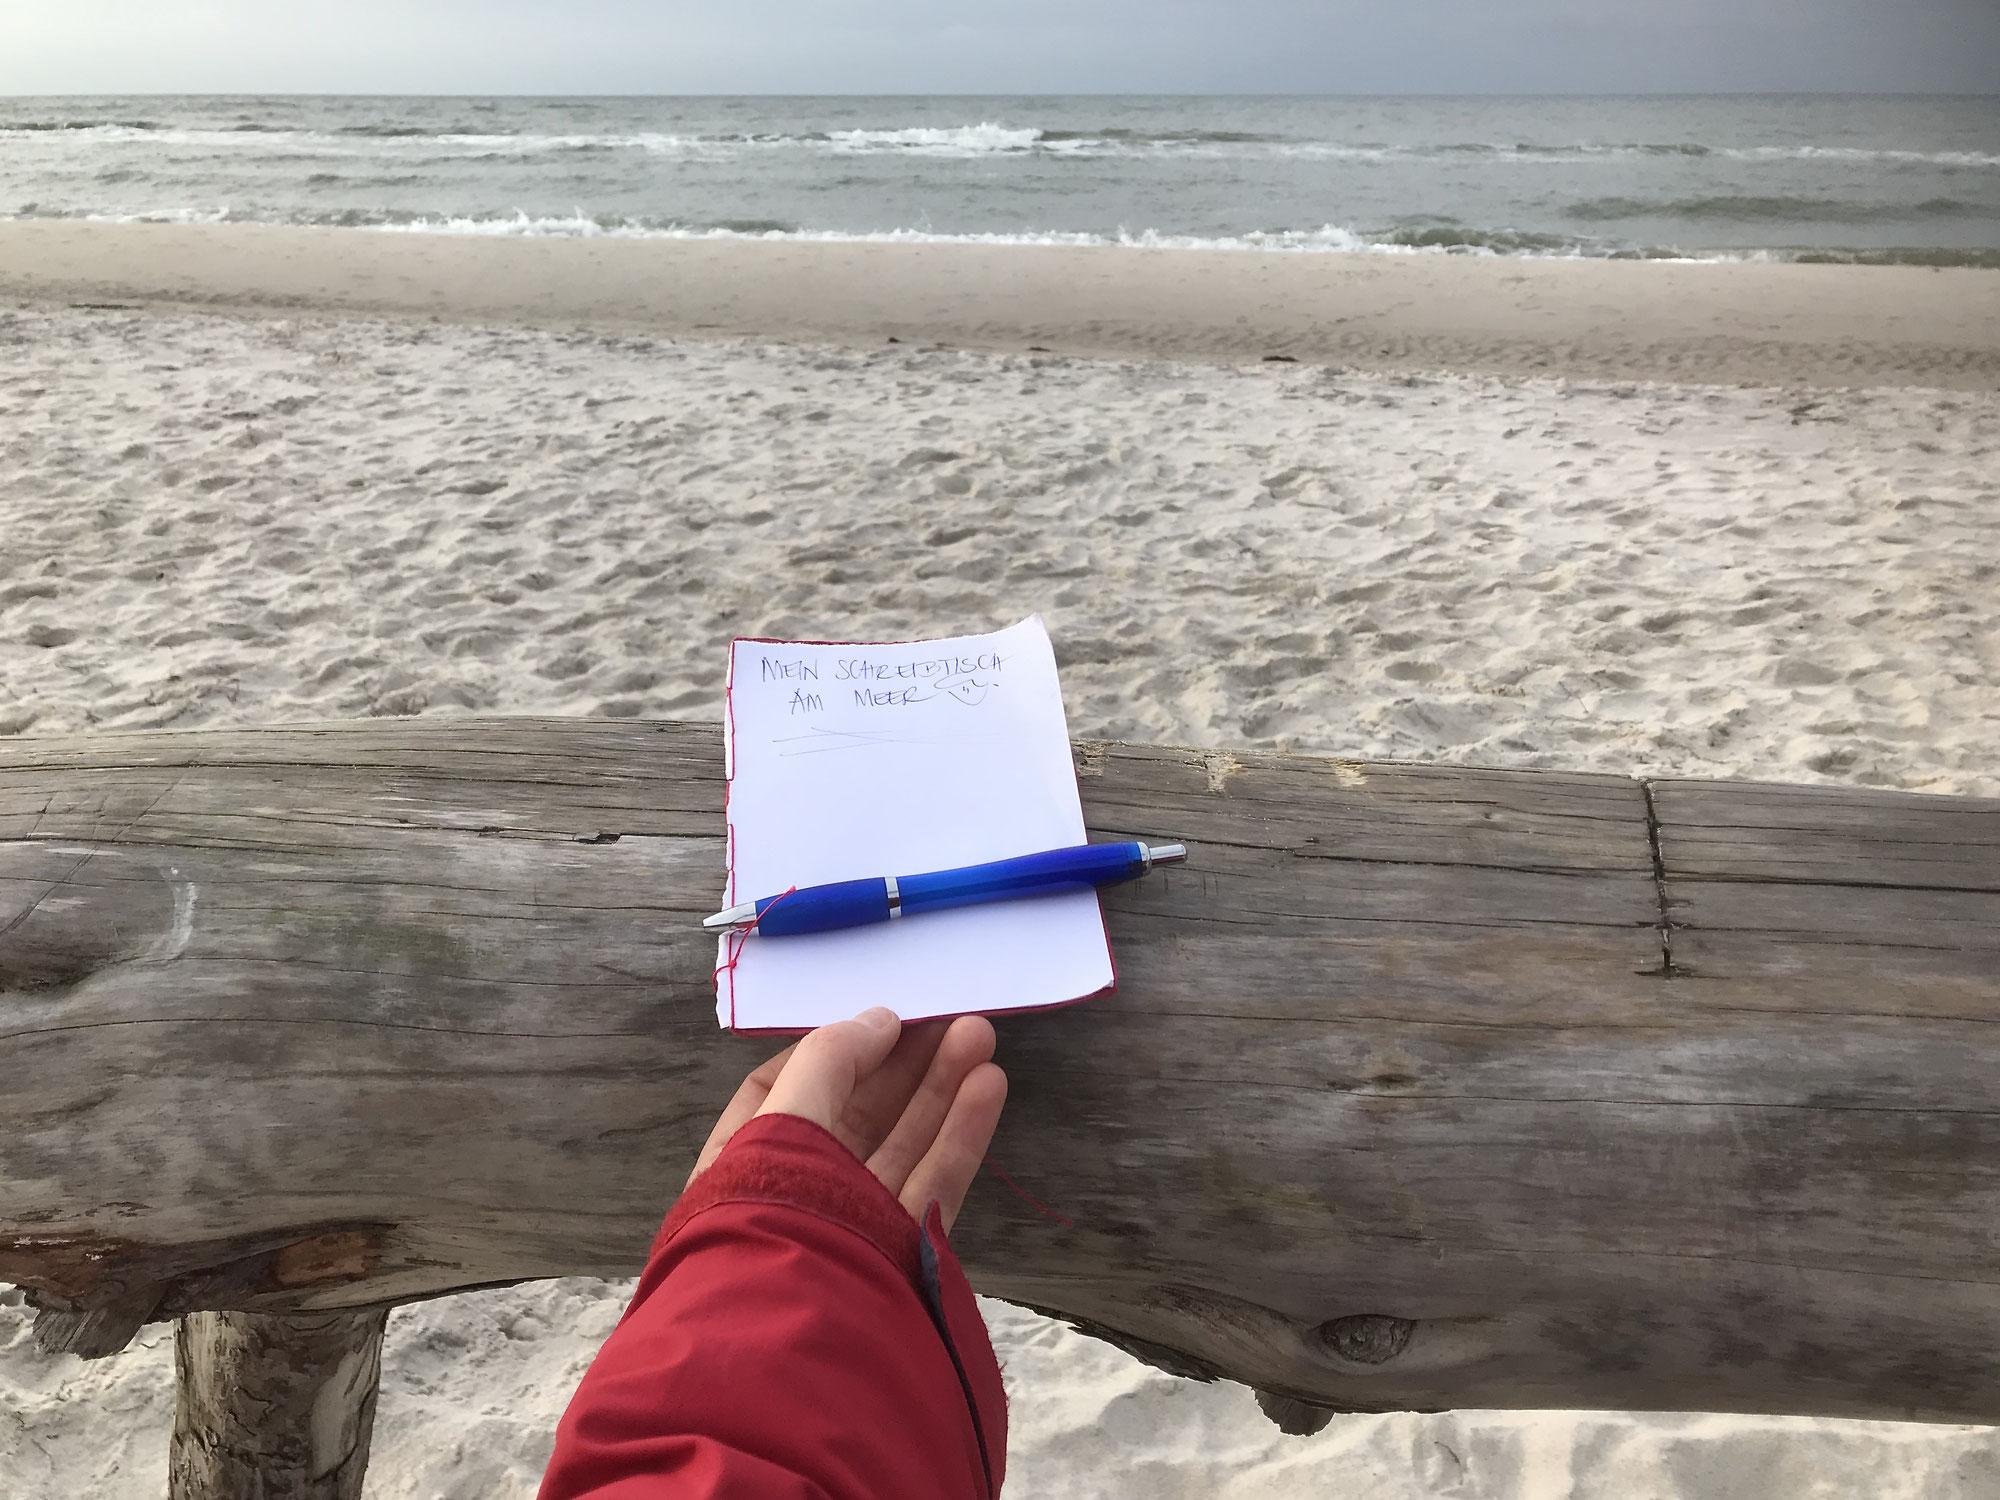 Mein Schreibtisch am Meer & ein neues Zeichen der Liebe